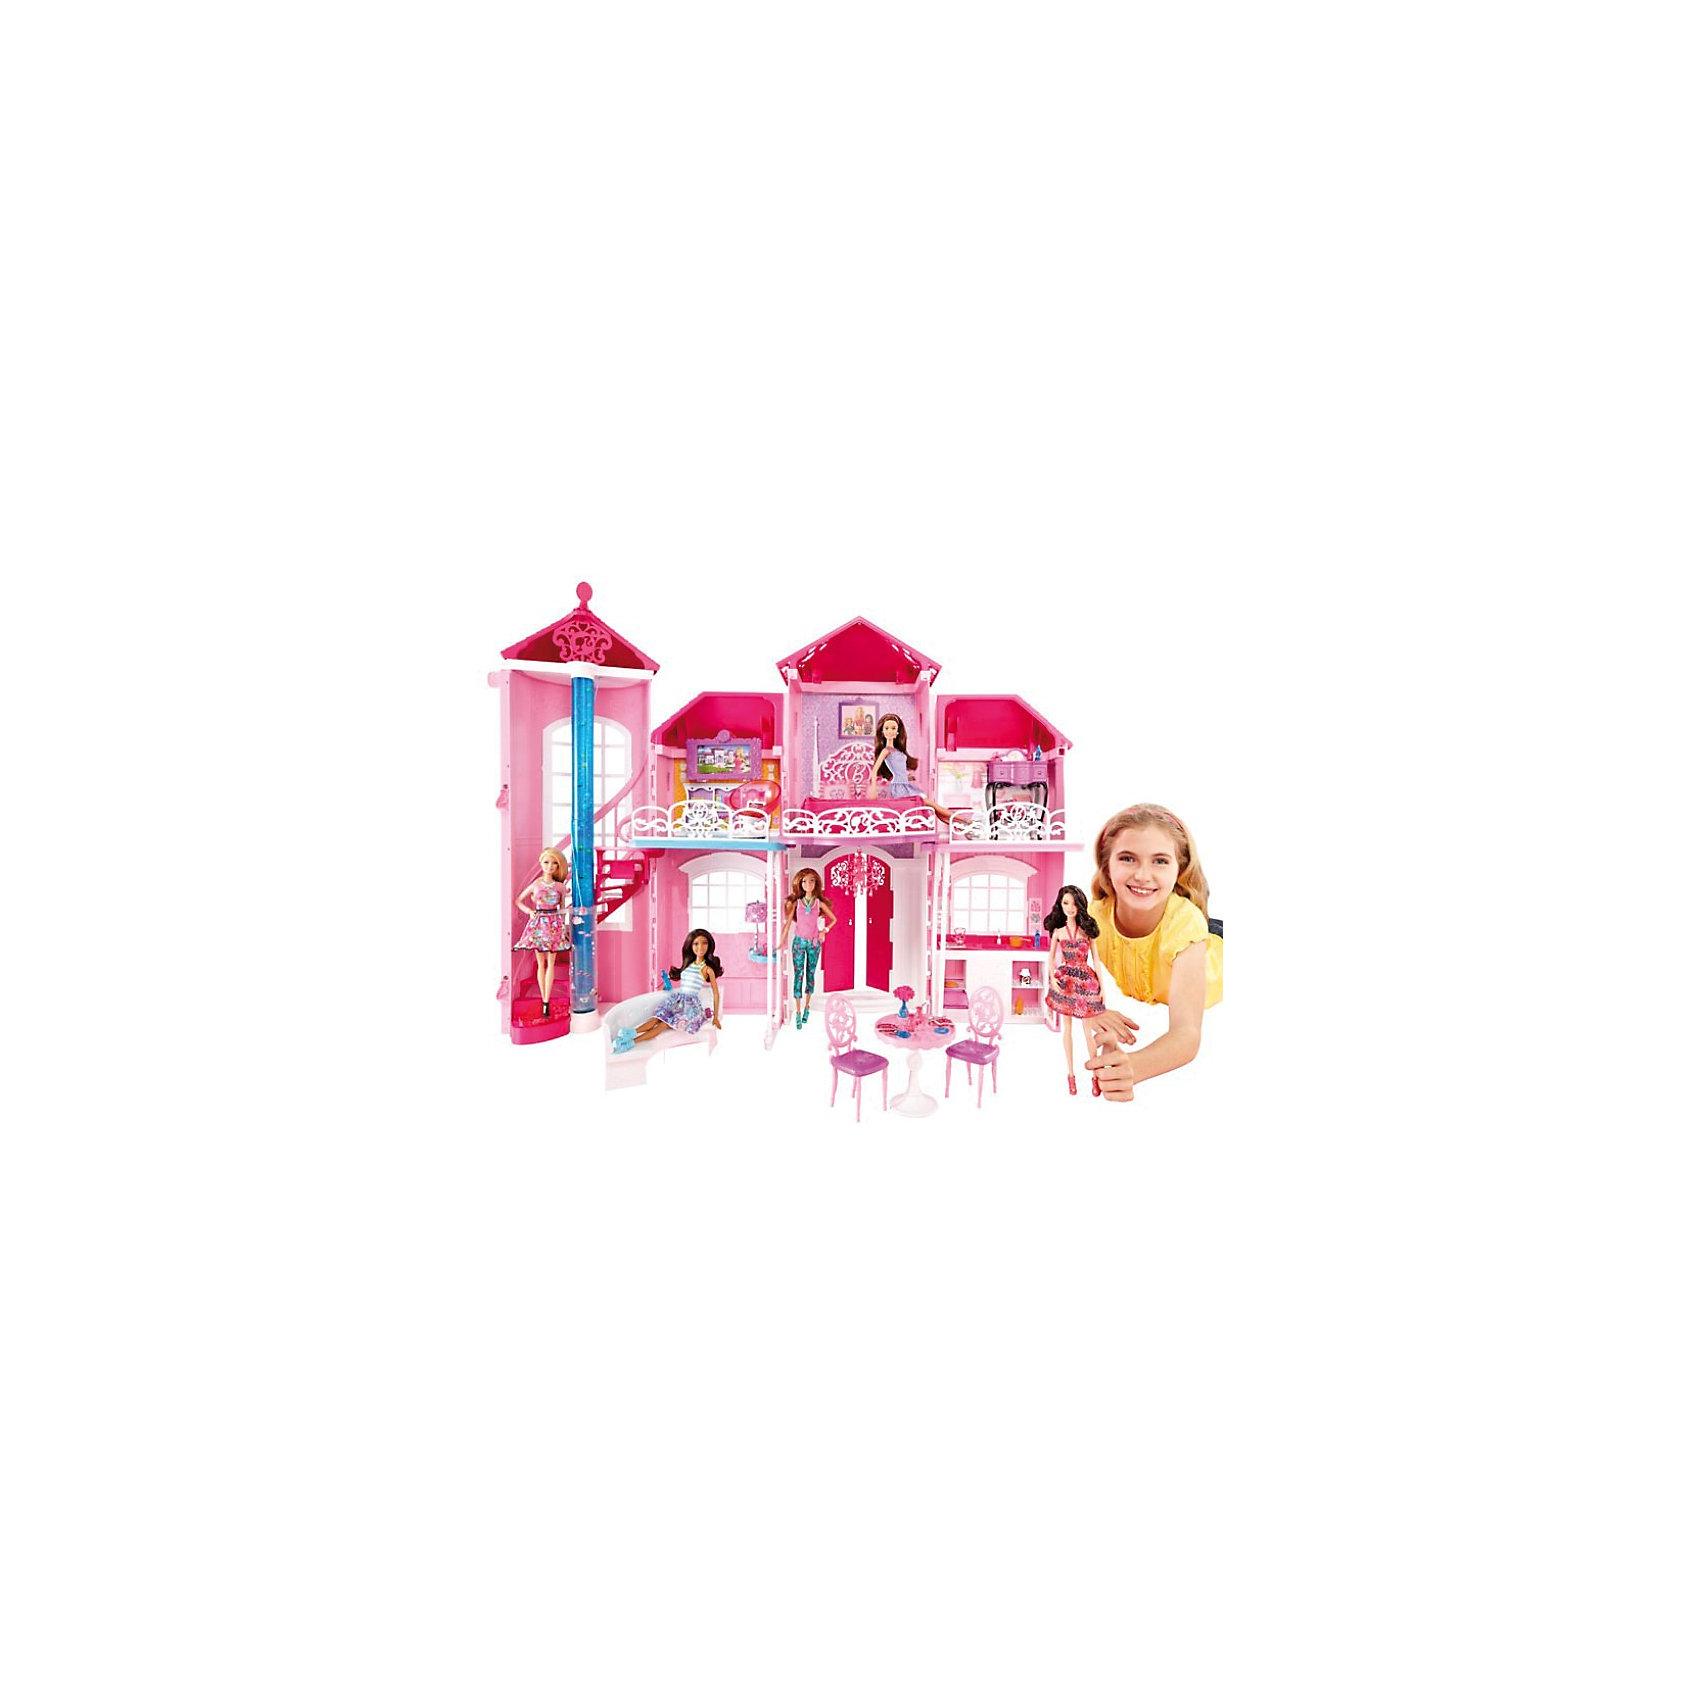 Новый дом в Малибу, Барби